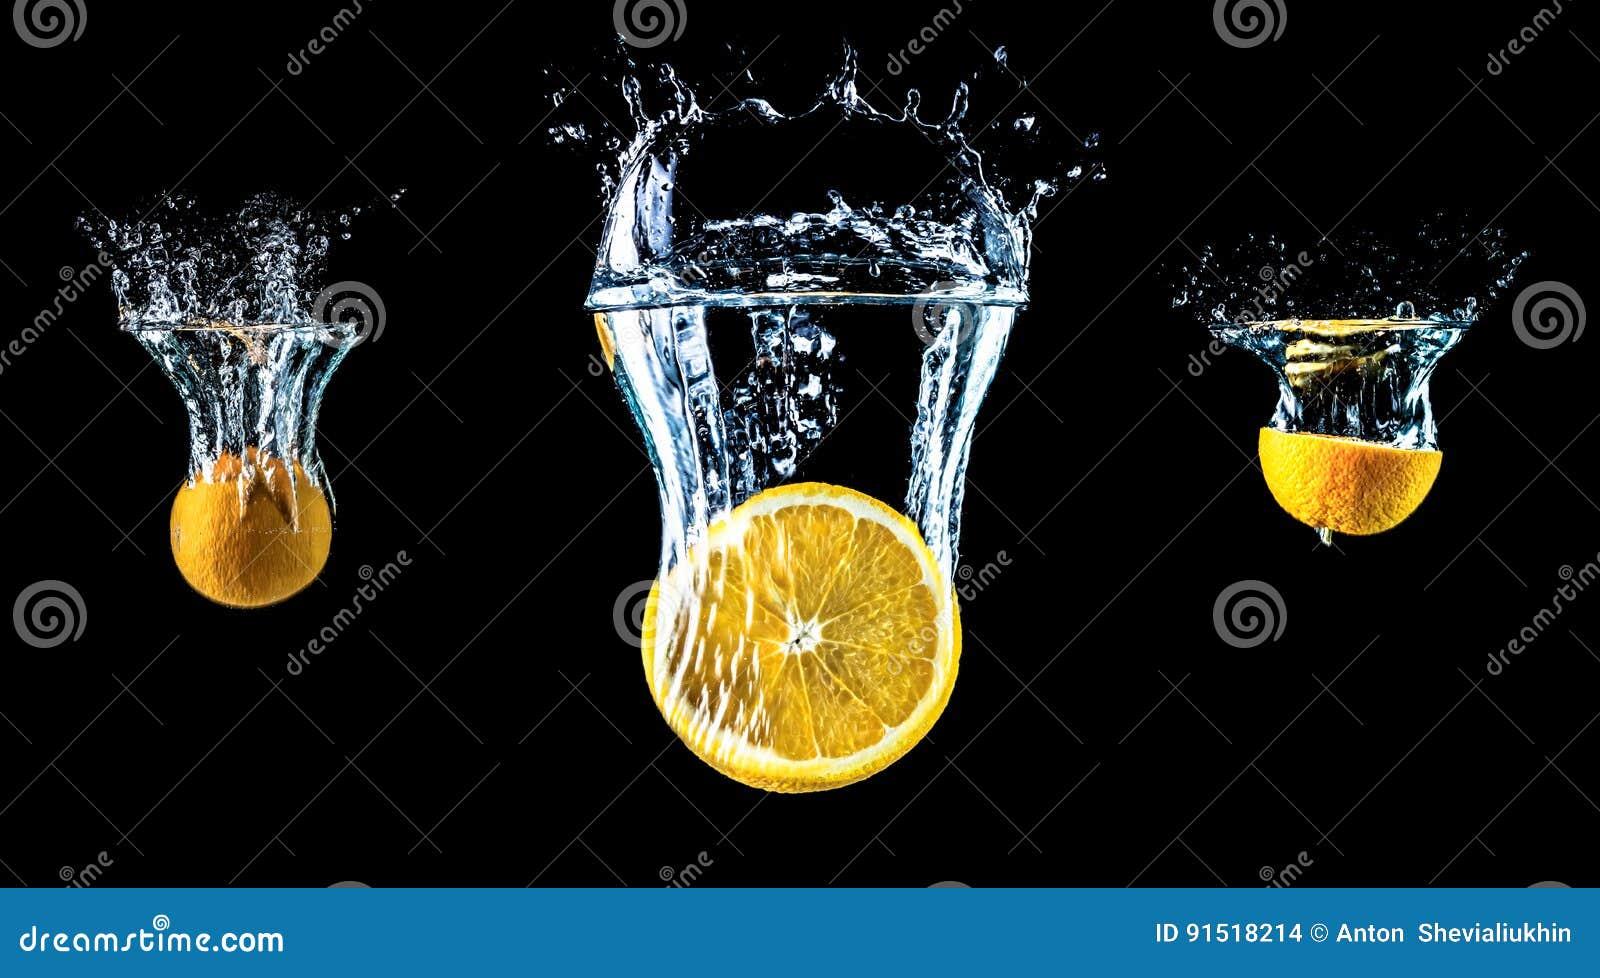 Sammansättning av tre apelsiner som faller in i vattennärbilden, makro, färgstänkvatten, bubblor, isolerad svart bakgrund